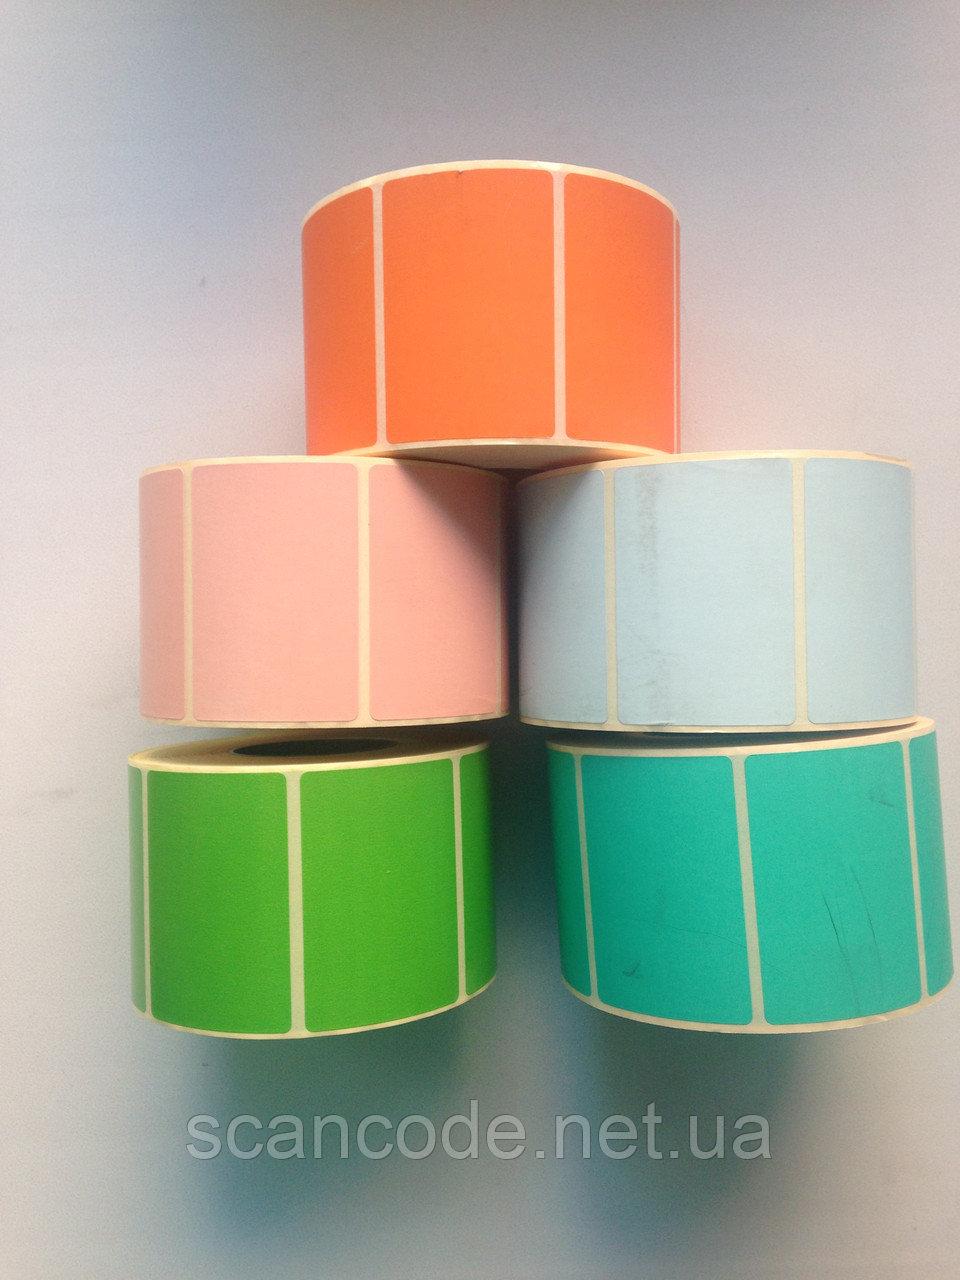 Цветная термоэтикетка